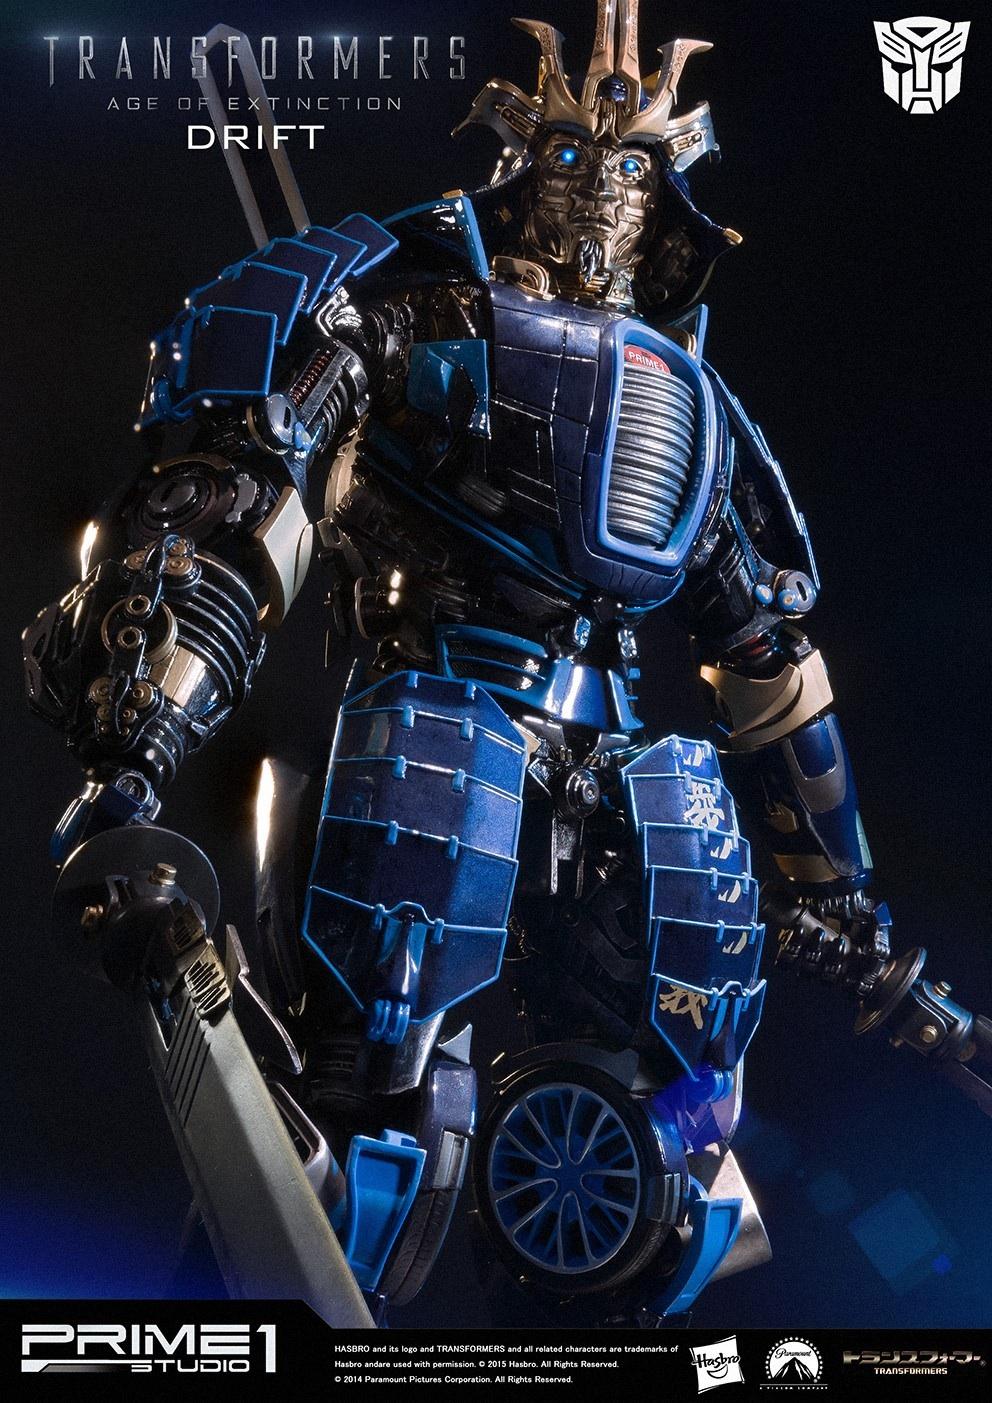 Statues des Films Transformers (articulé, non transformable) ― Par Prime1Studio, M3 Studio, Concept Zone, Super Fans Group, Soap Studio, Soldier Story Toys, etc - Page 3 860830image1423753374